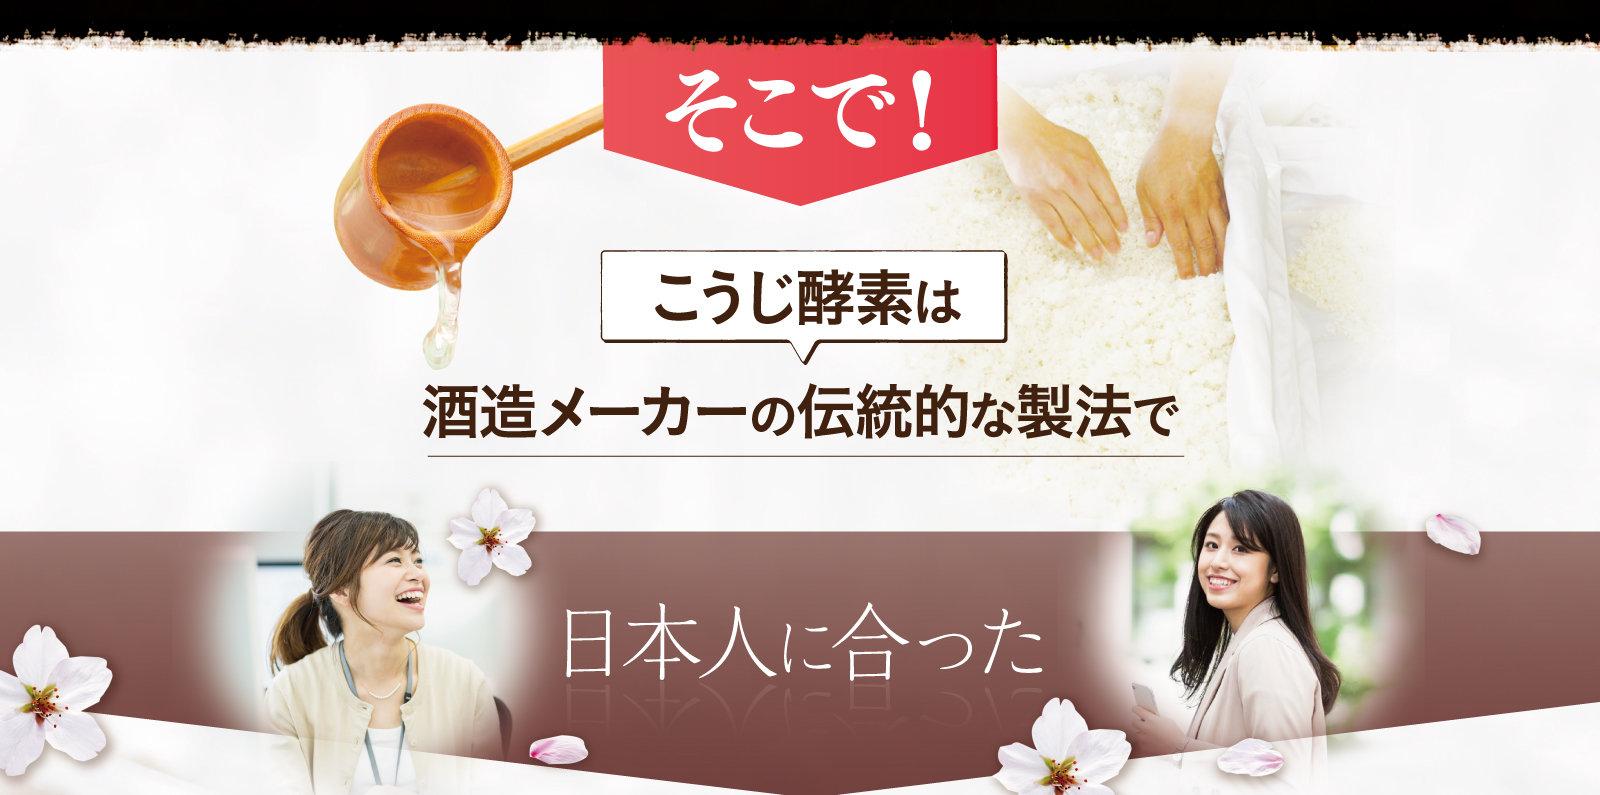 こうじ酵素は酒造メーカーの伝統的な製法で日本人に合った